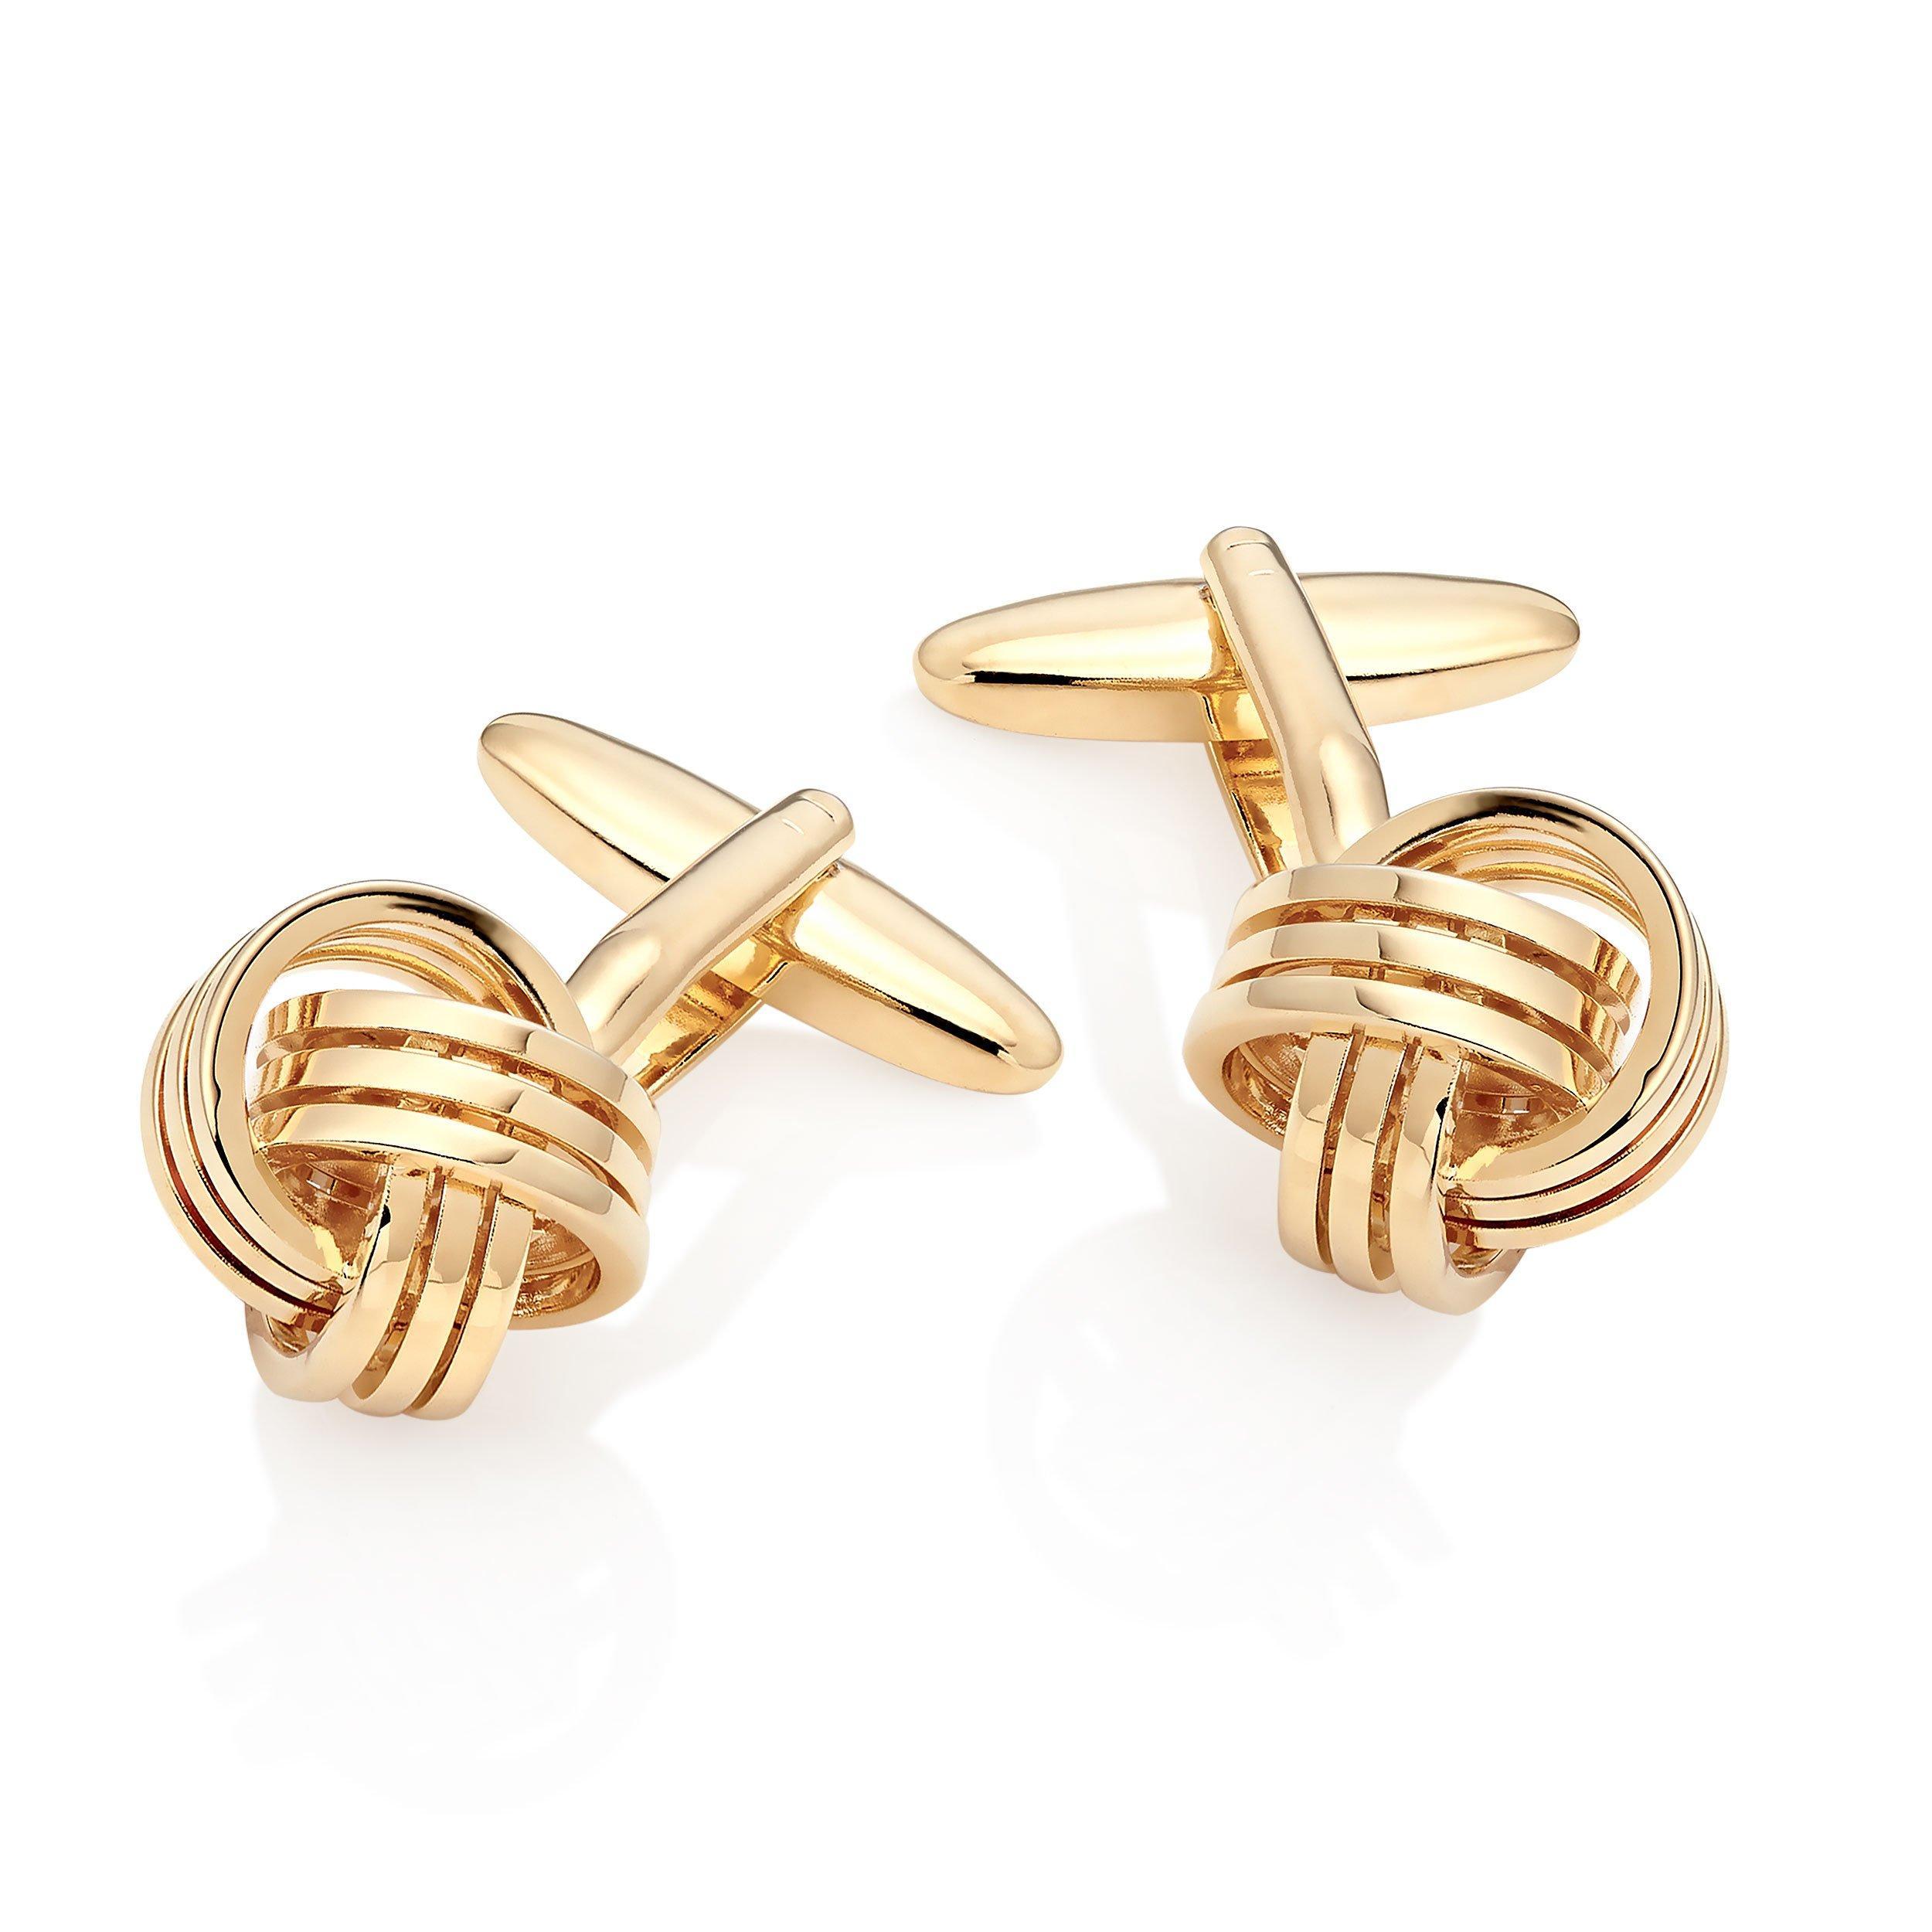 Gold Tone Knot Men's Cufflinks